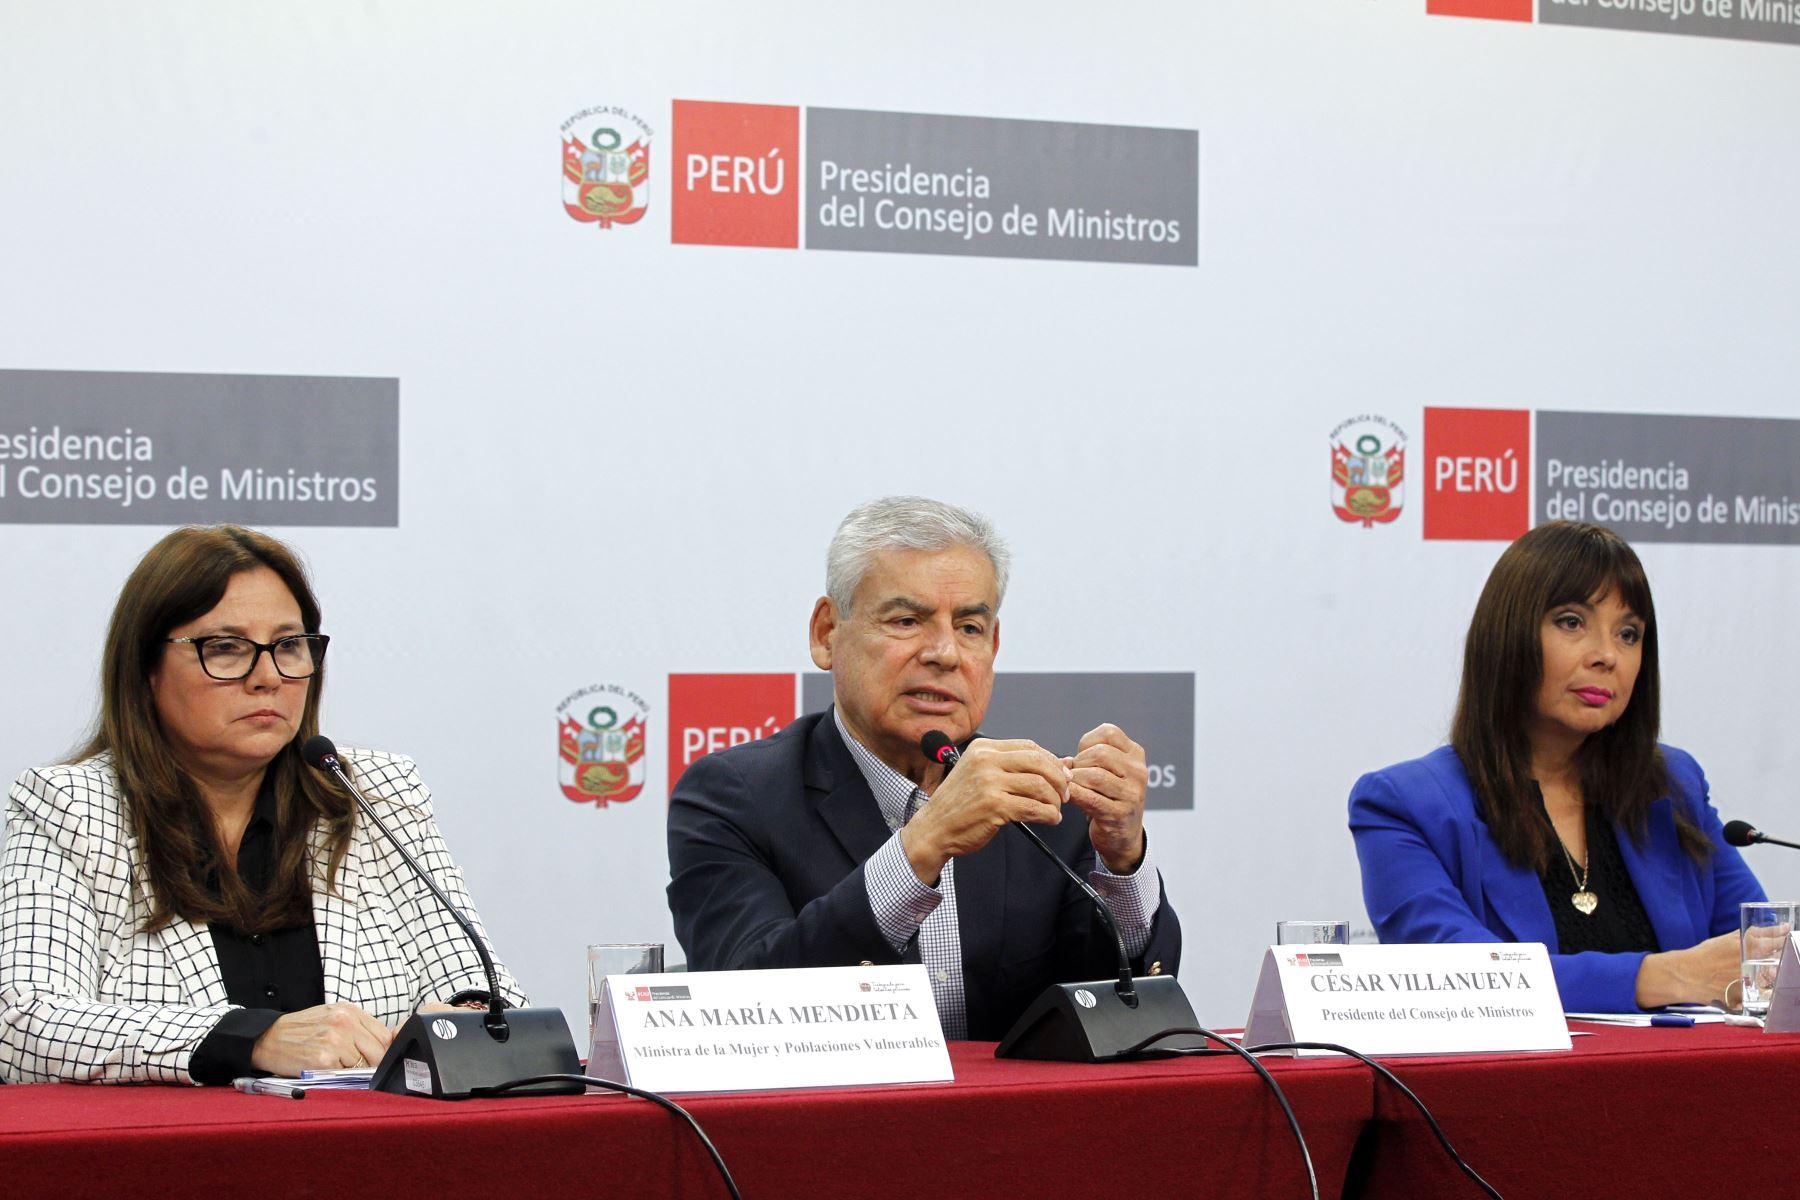 Conferencia de prensa en la PCM. Foto: ANDINA/Dante Zegarra